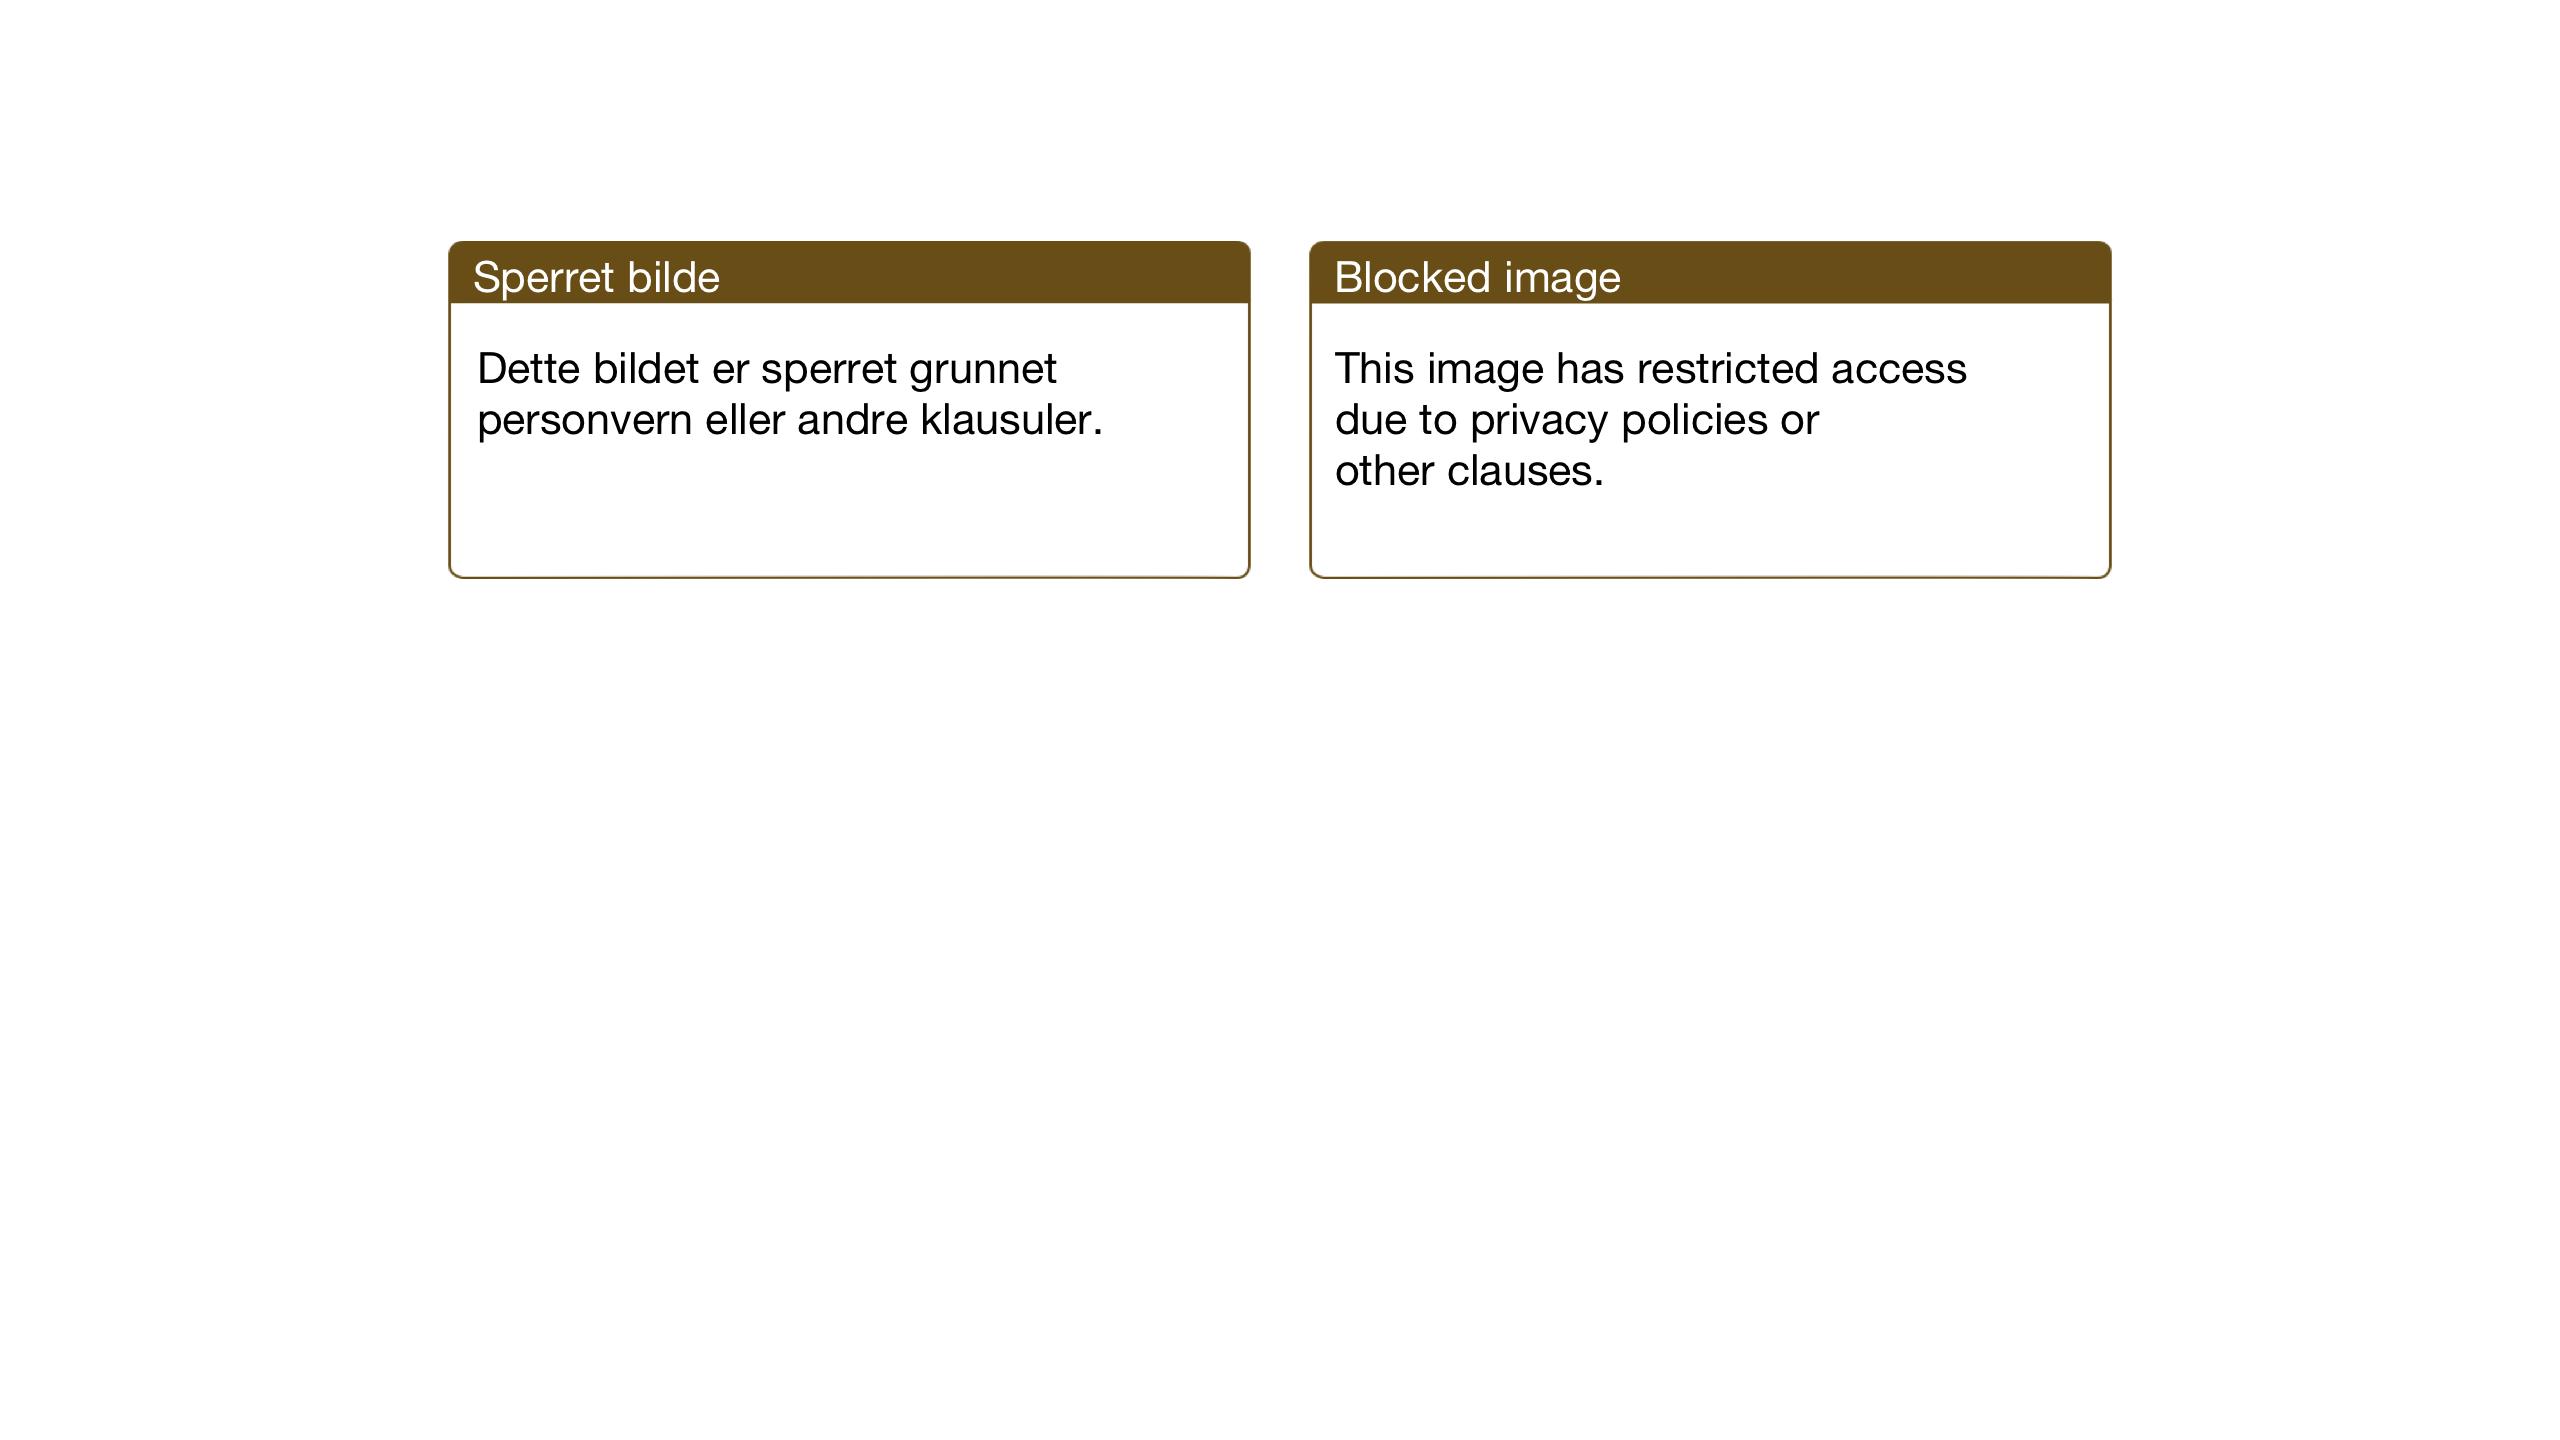 SAT, Ministerialprotokoller, klokkerbøker og fødselsregistre - Nord-Trøndelag, 721/L0209: Klokkerbok nr. 721C02, 1918-1940, s. 64